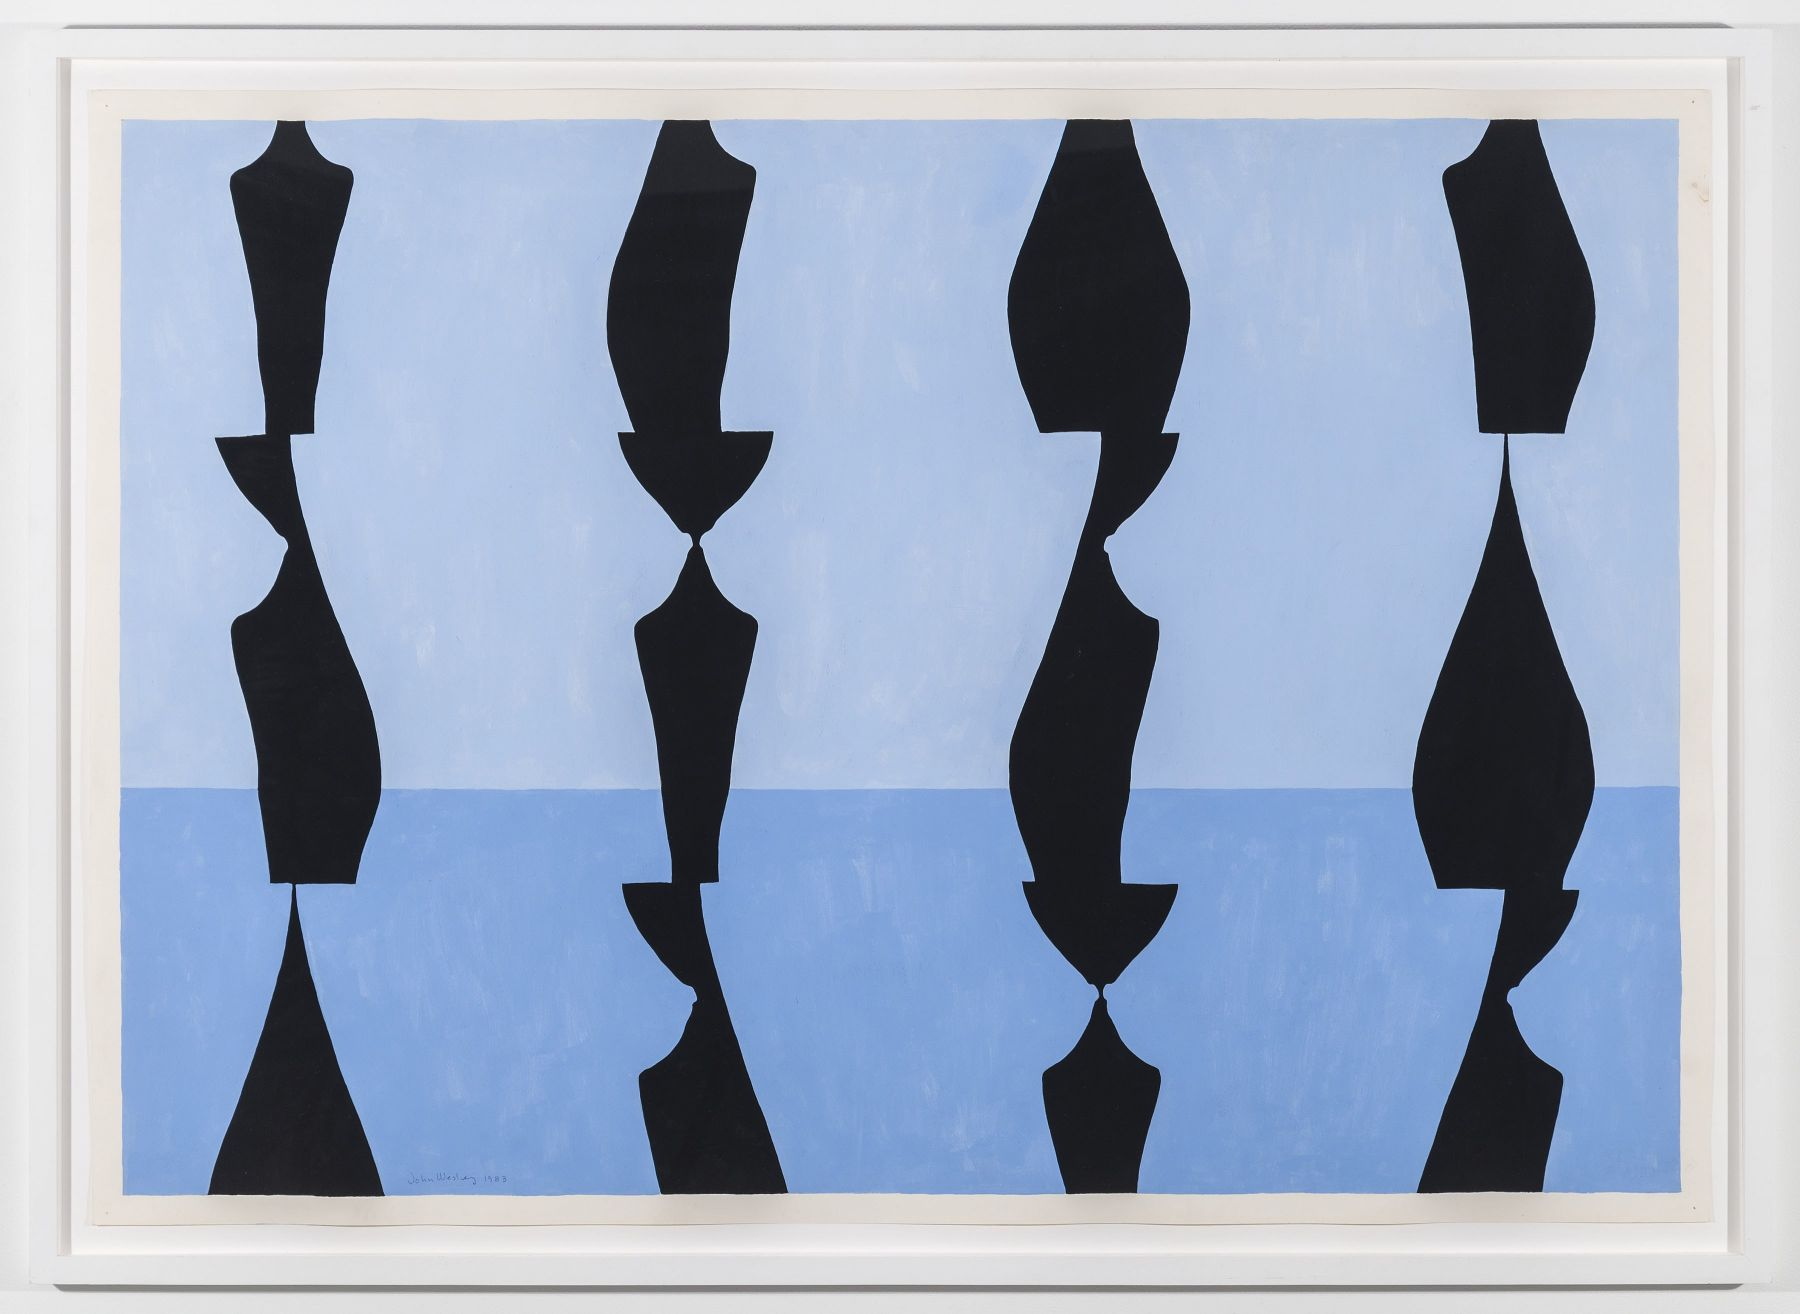 JOHN WESLEY Untitled, 1983